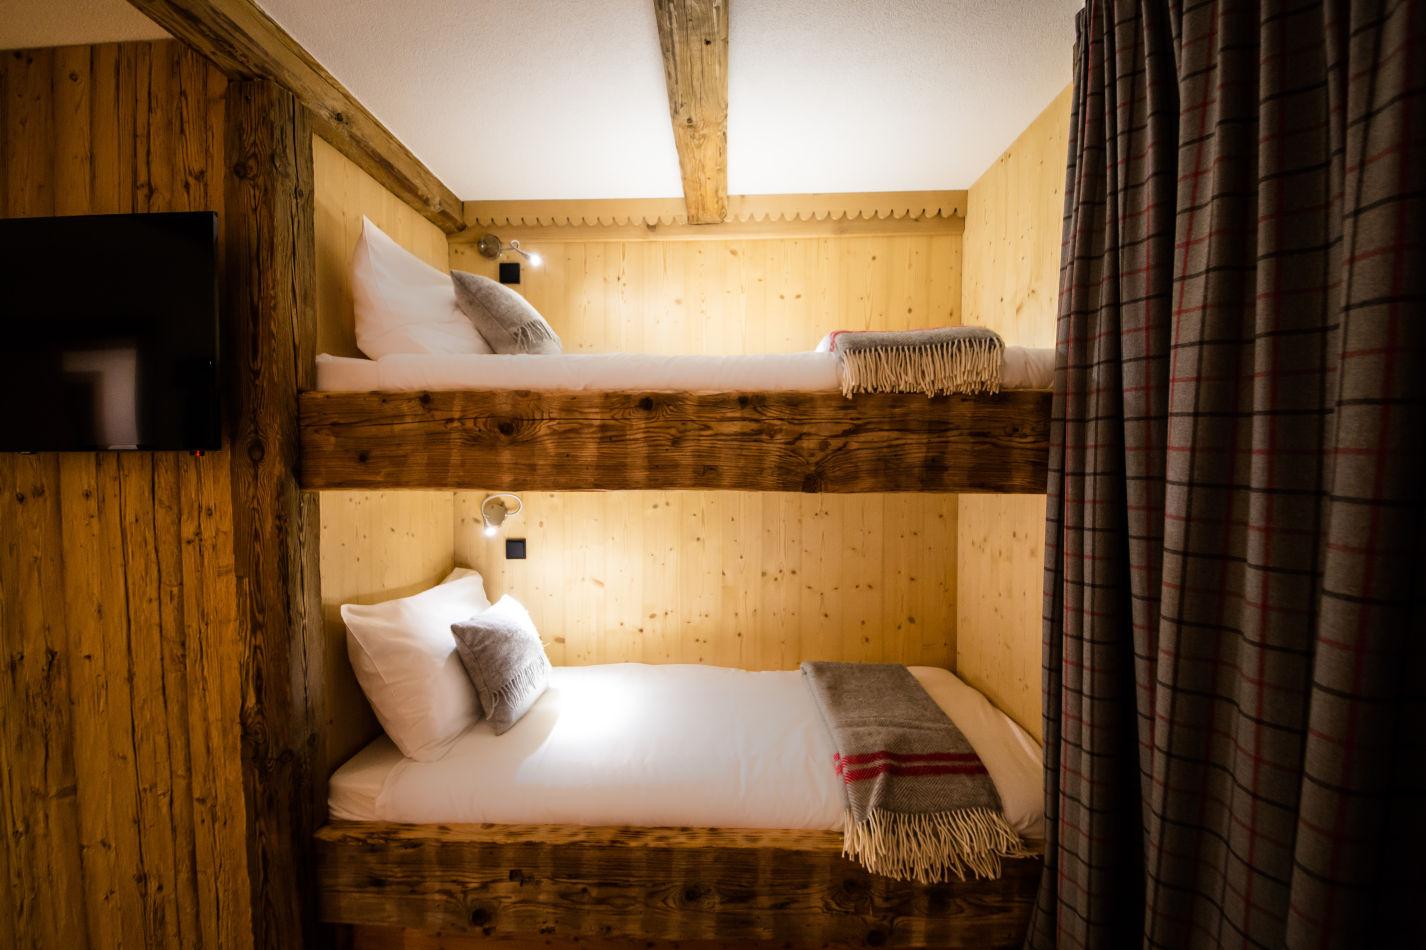 53-bunk-beds